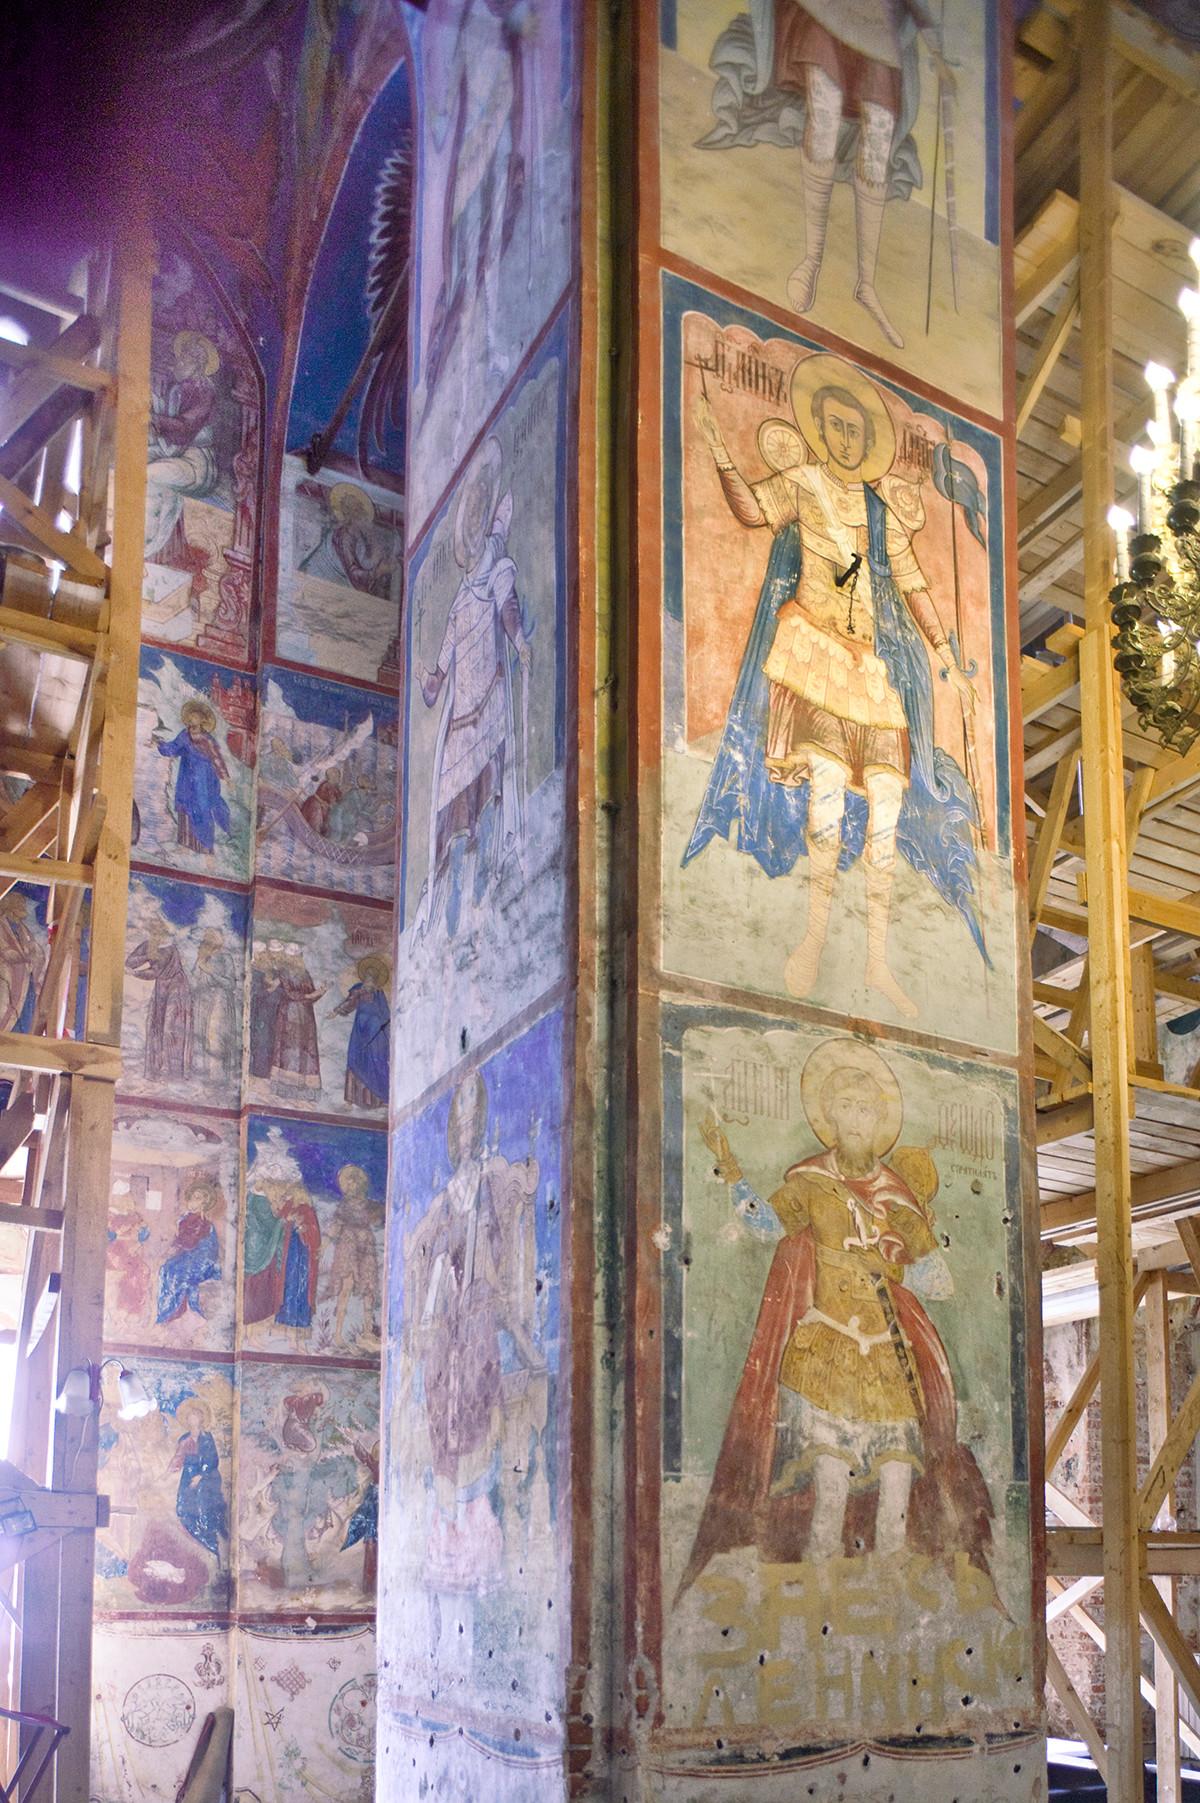 Cathédrale de la Conception de Sainte-Anne. Intérieur. Jetée nord-ouest avec fresques de saints guerriers. Photographie : William Brumfield. 8 juillet 2019